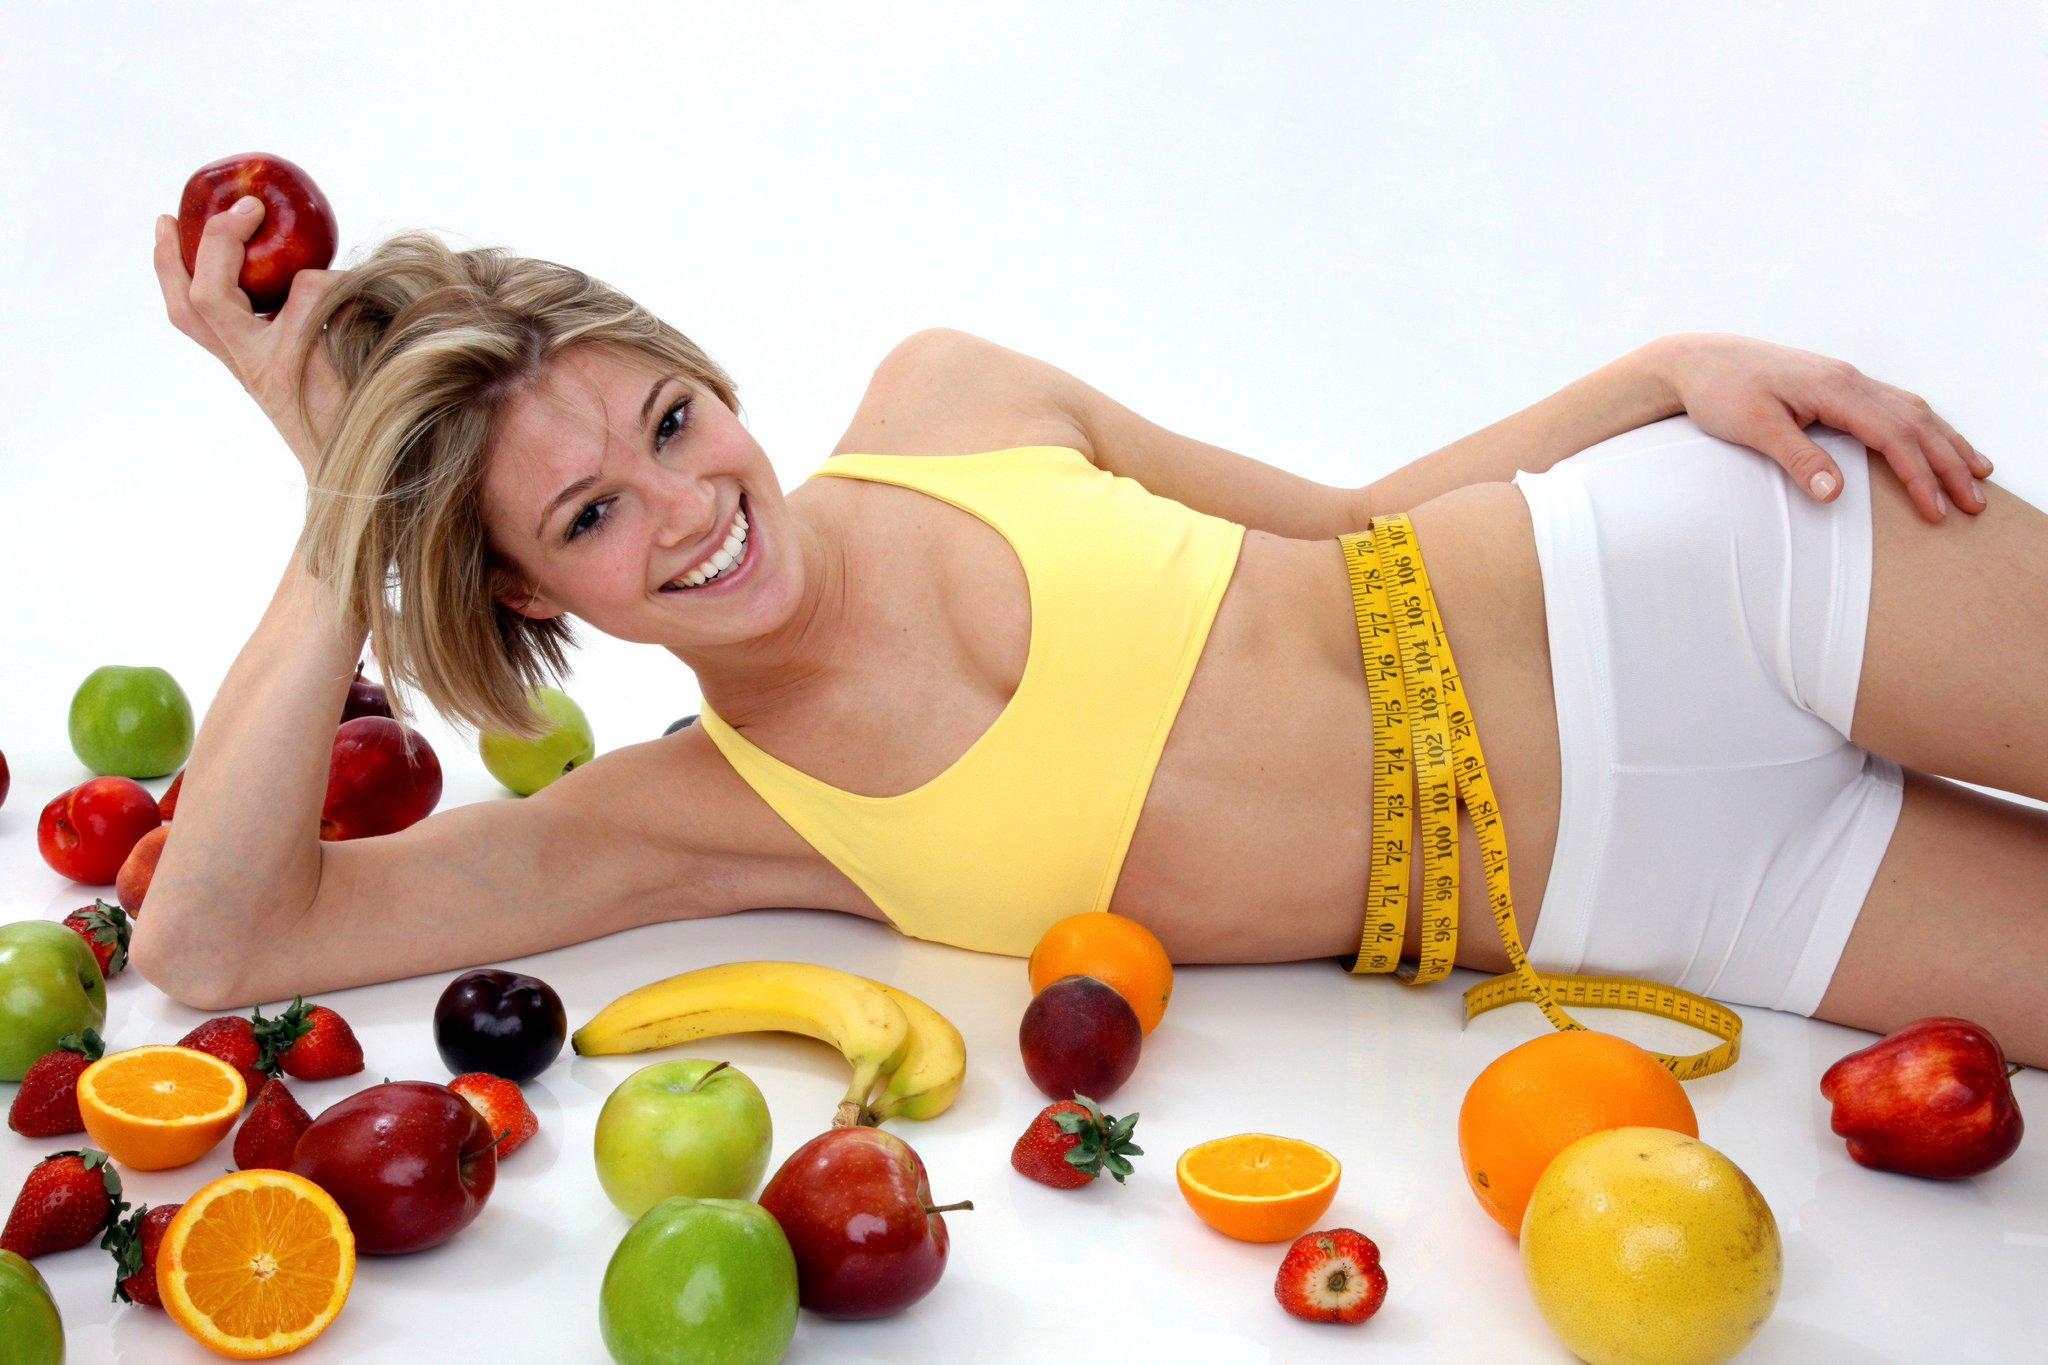 Хочу похудеть быстро средства